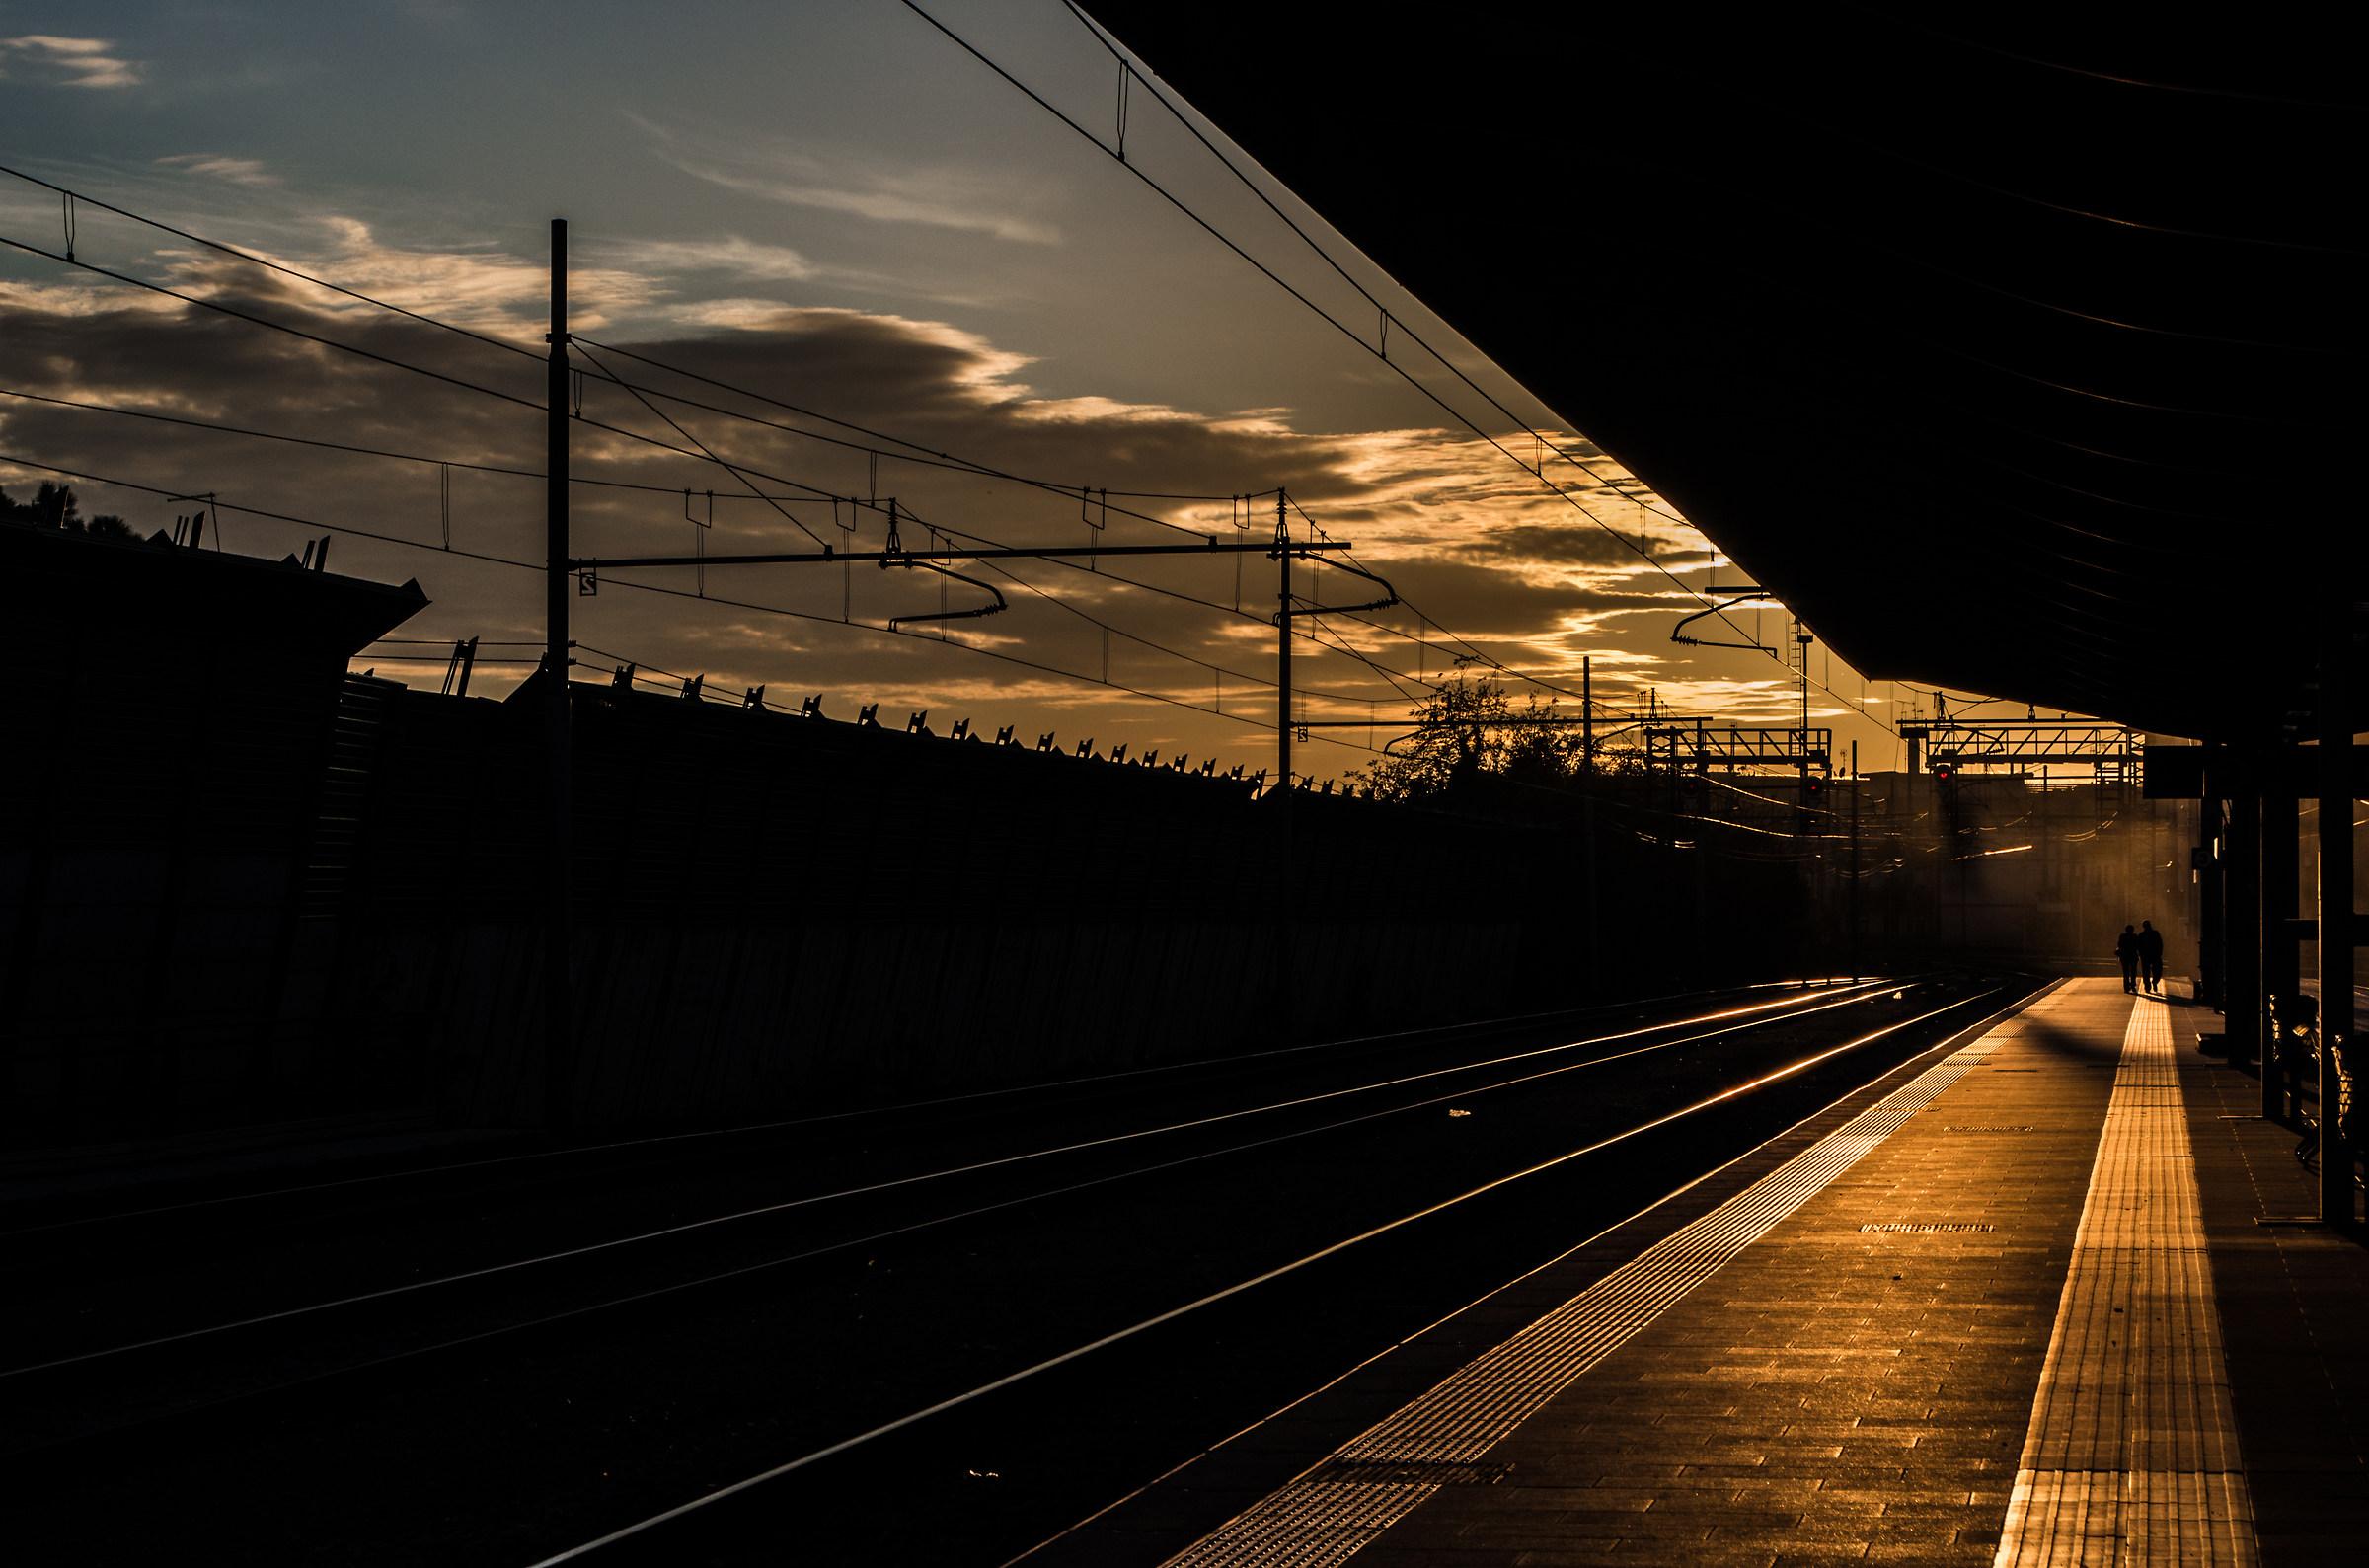 Aspettando il treno...